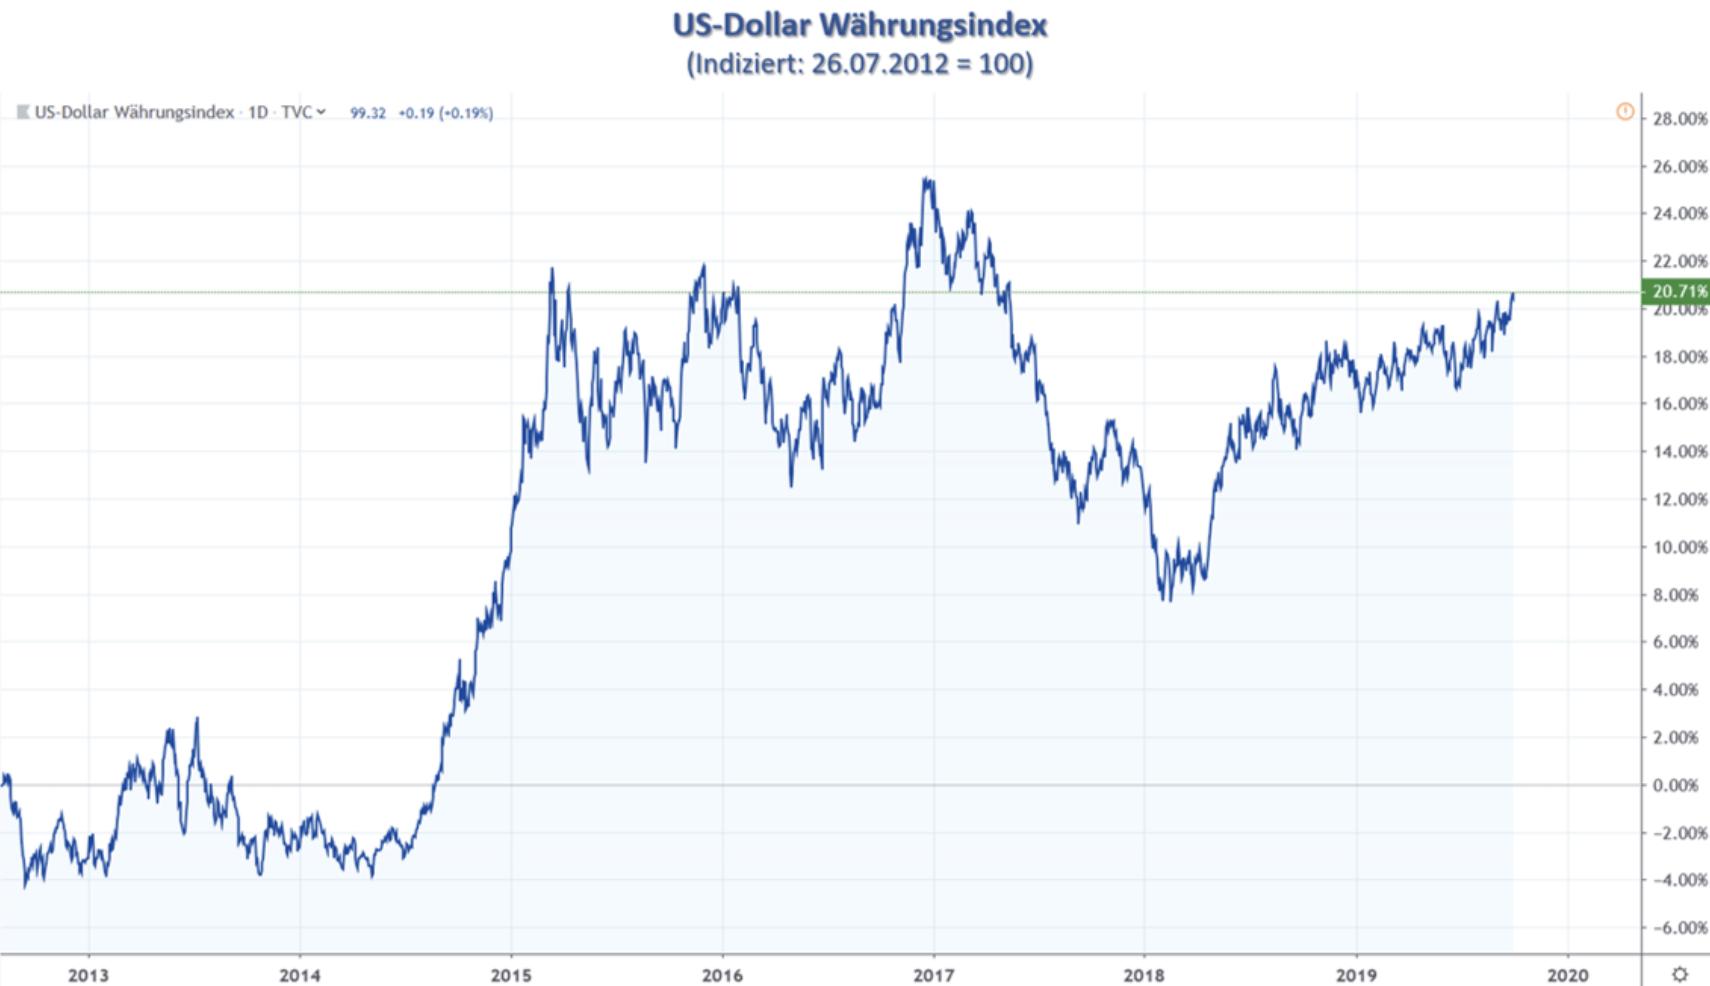 USD Währungsindex